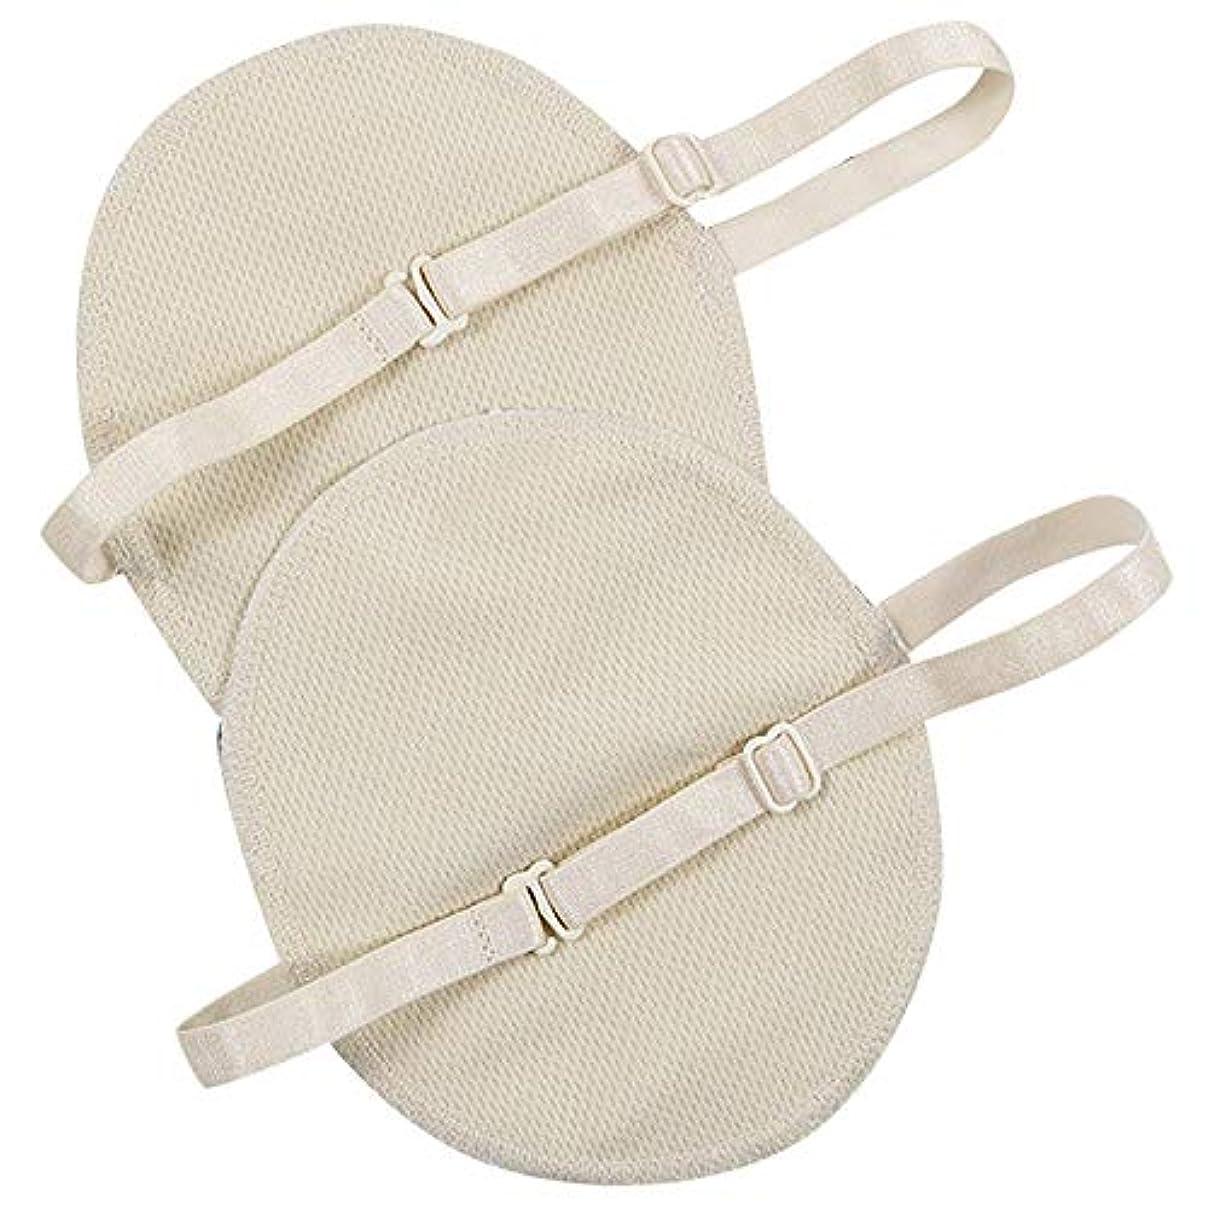 1ペア脇の下汗シールドパッド洗える脇の下汗吸収ガードショルダーストラップ再利用可能な脇の下汗パッド夏